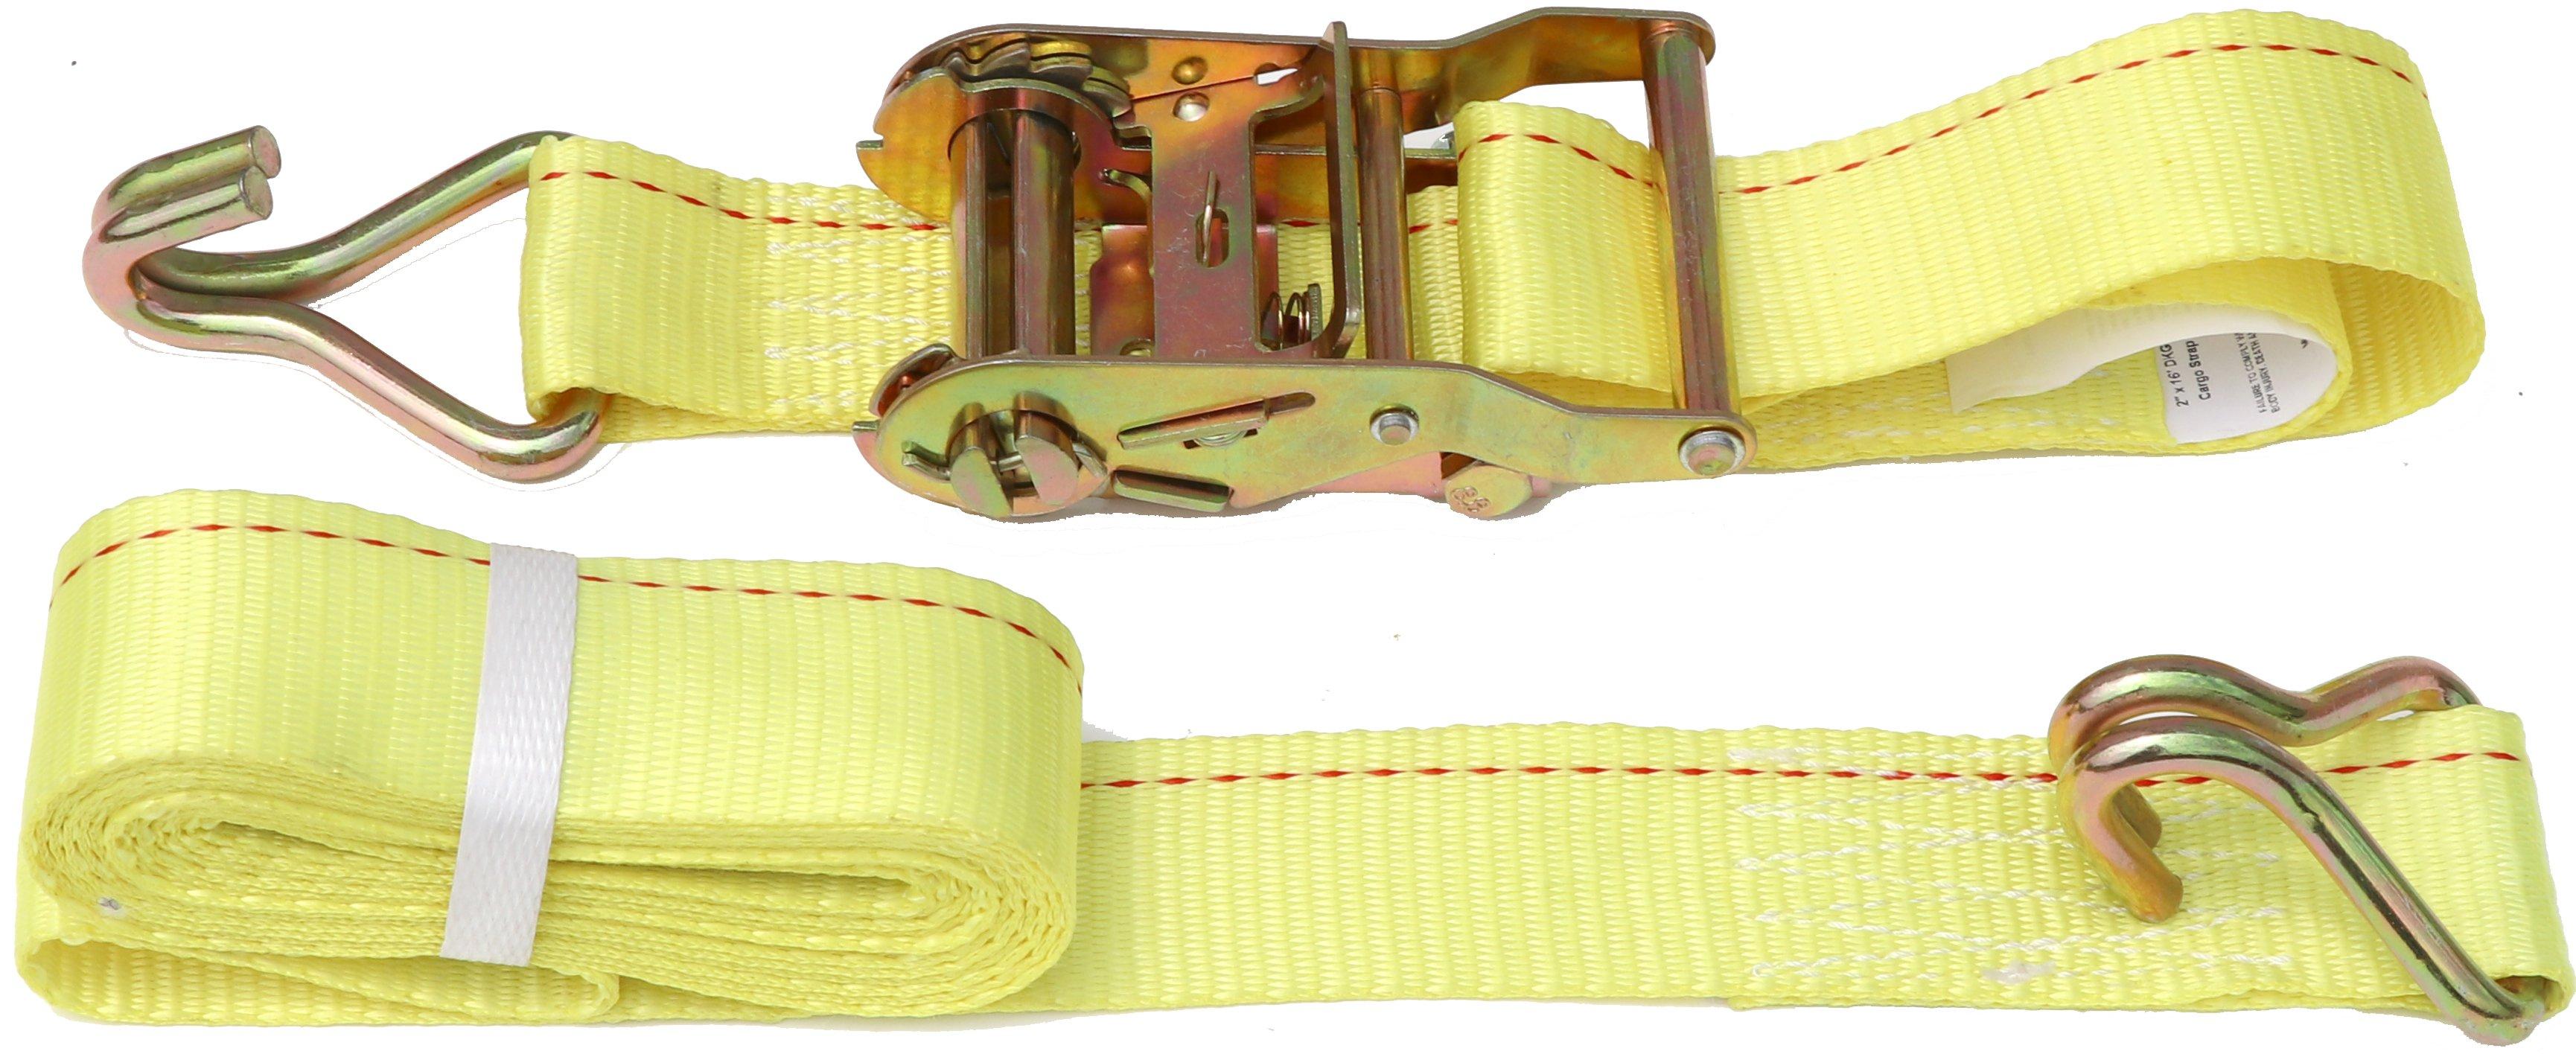 2 X 16 Dkg Double J Hook Strap With Ratchet Tie Down Cargo Ratchet Straps With J Hooksdurable Steel Hook Reliabl Ratchet Straps Weather Resistant Ratchet